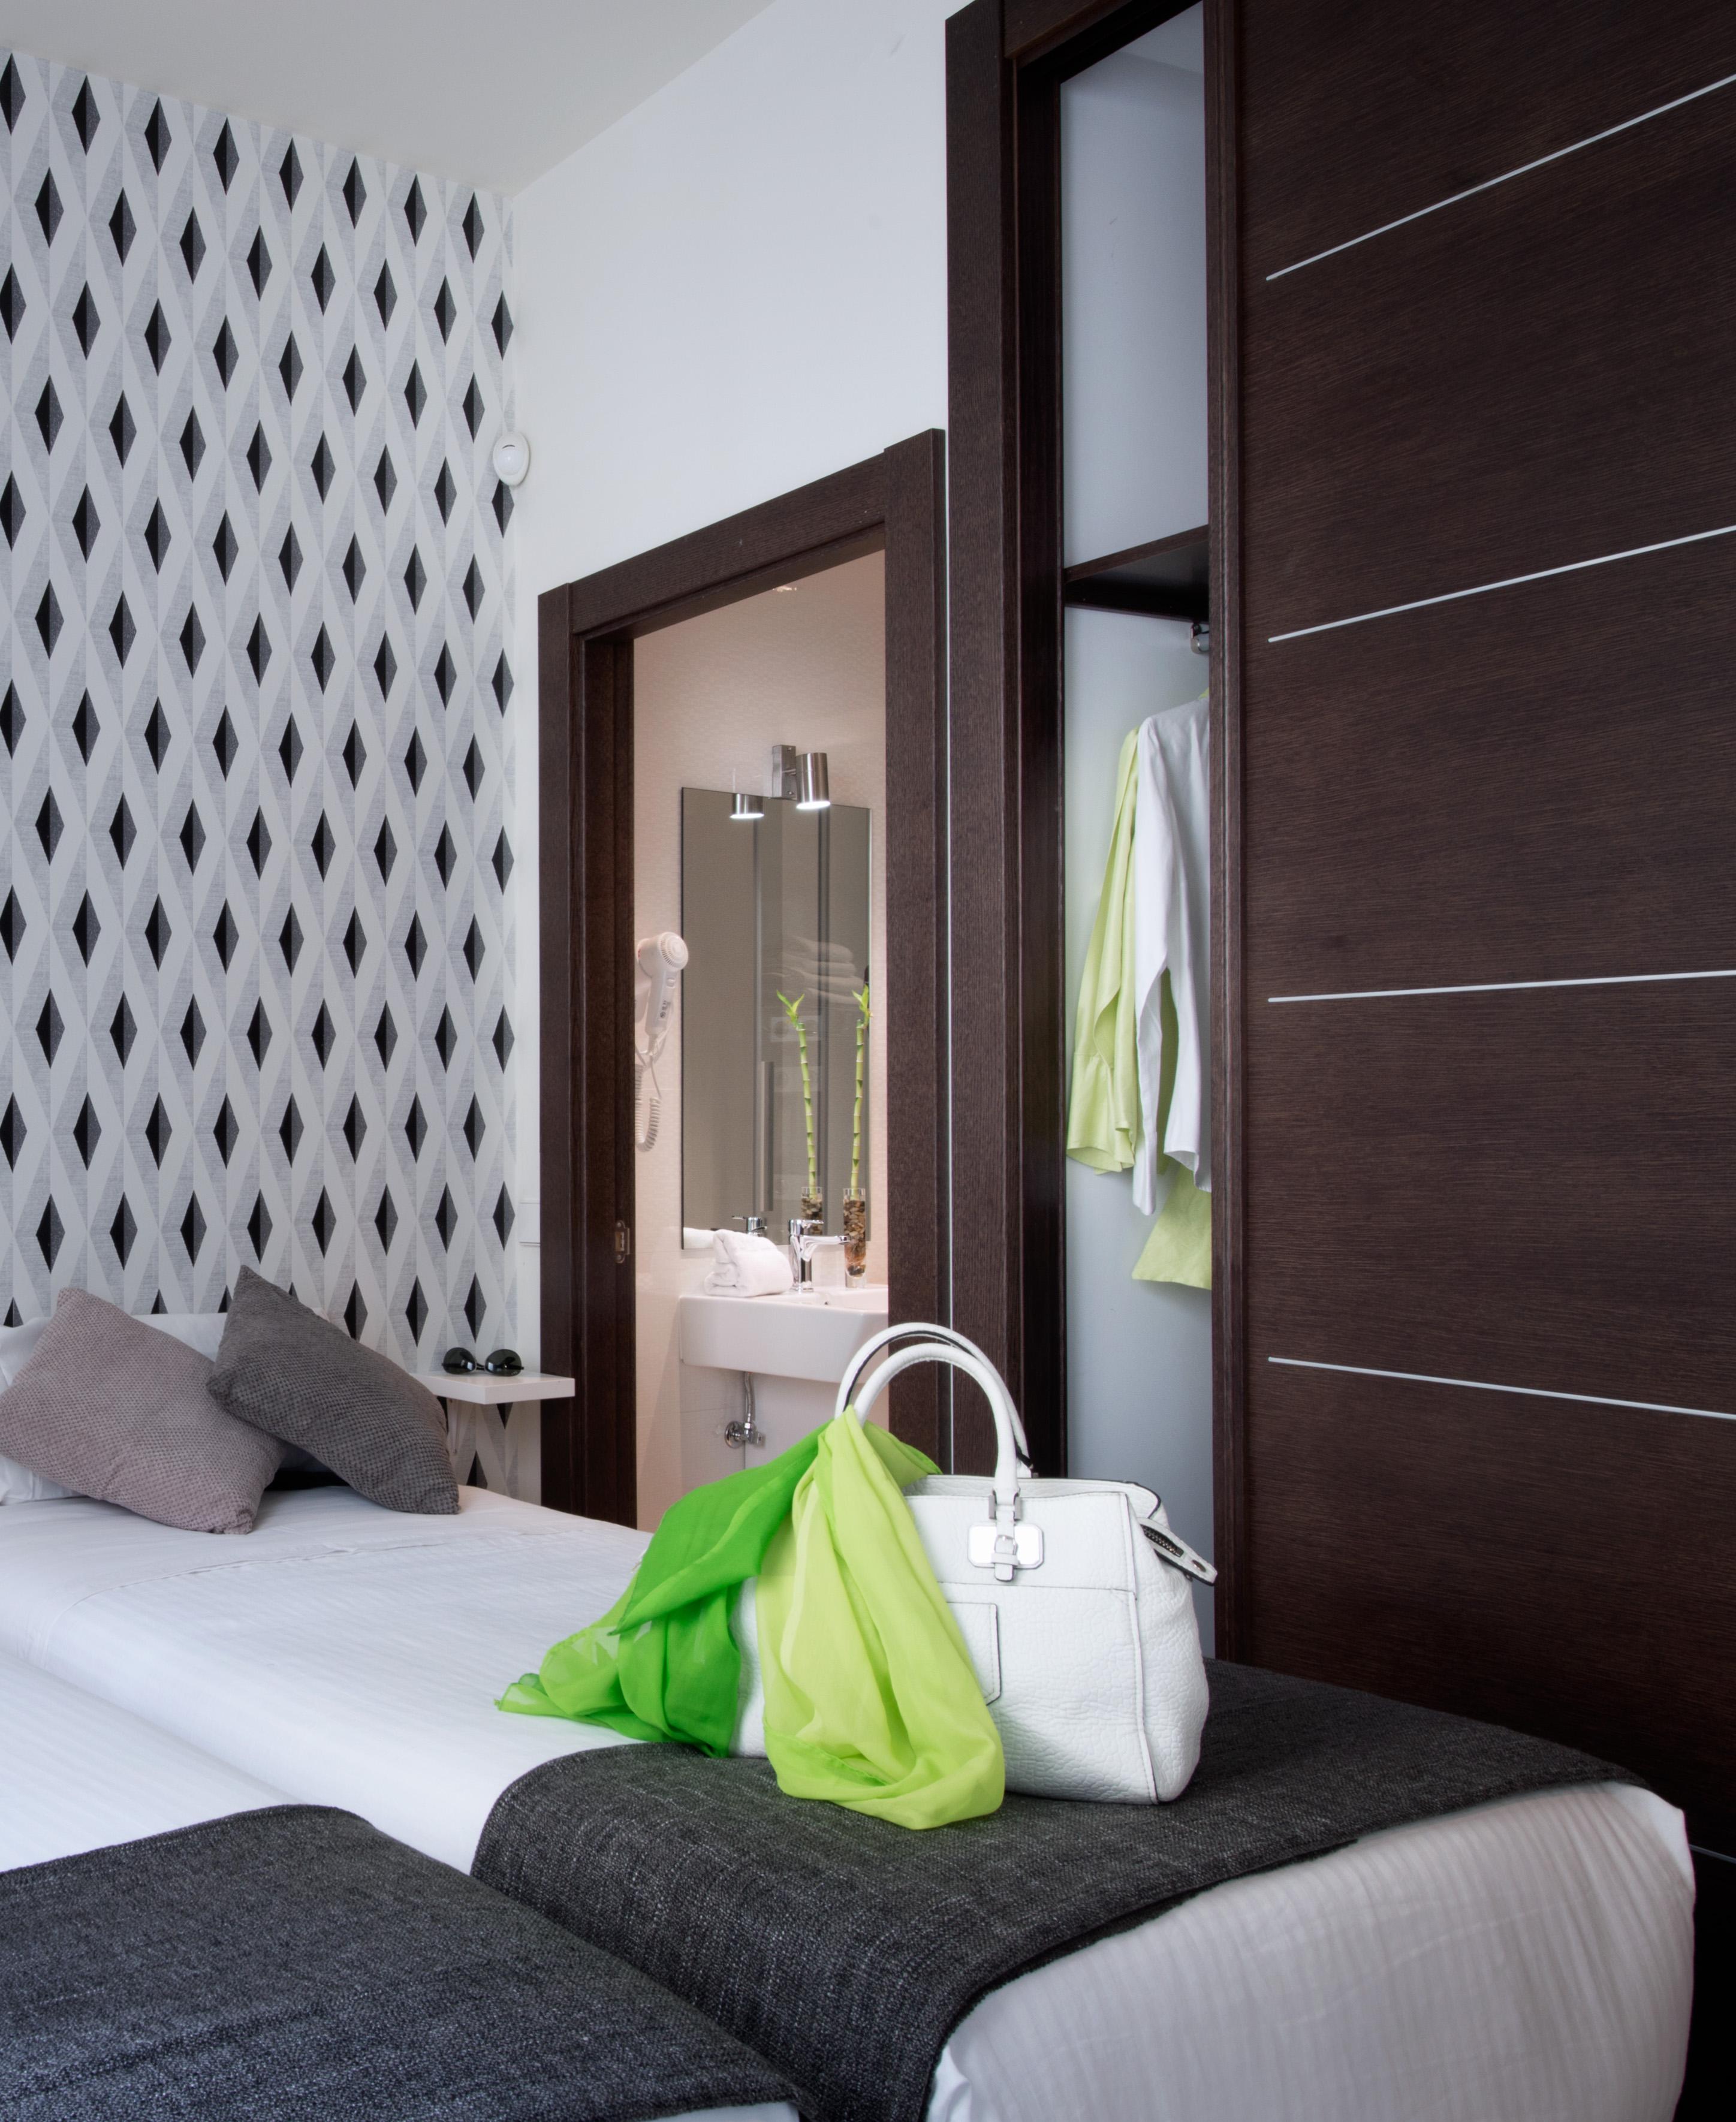 SUITES apartamento de 1dormitorio.